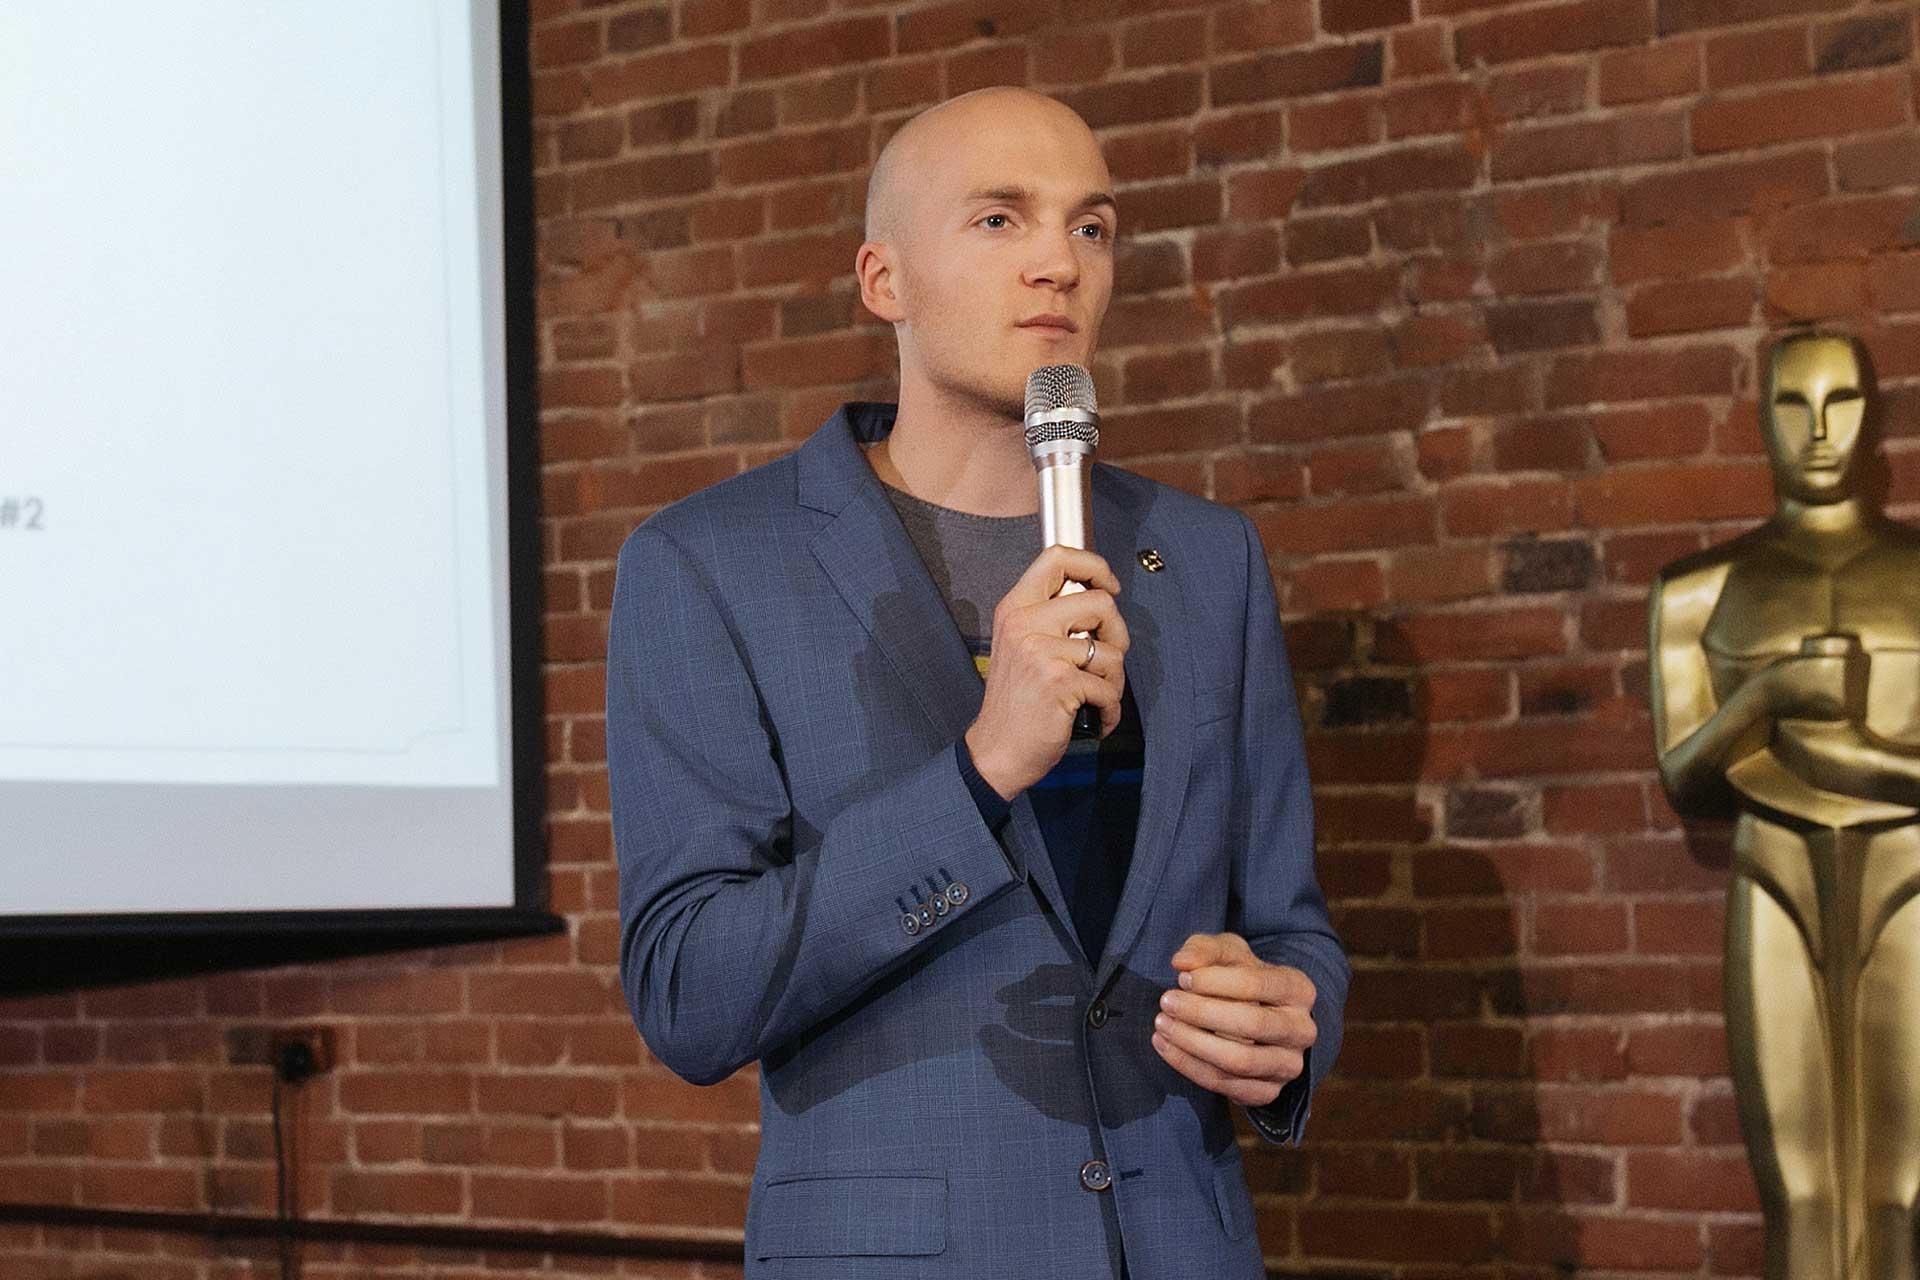 Спикер: Маликов Алексей. Работа с корпорациями, целеполагание, работа над ежедневными задачами